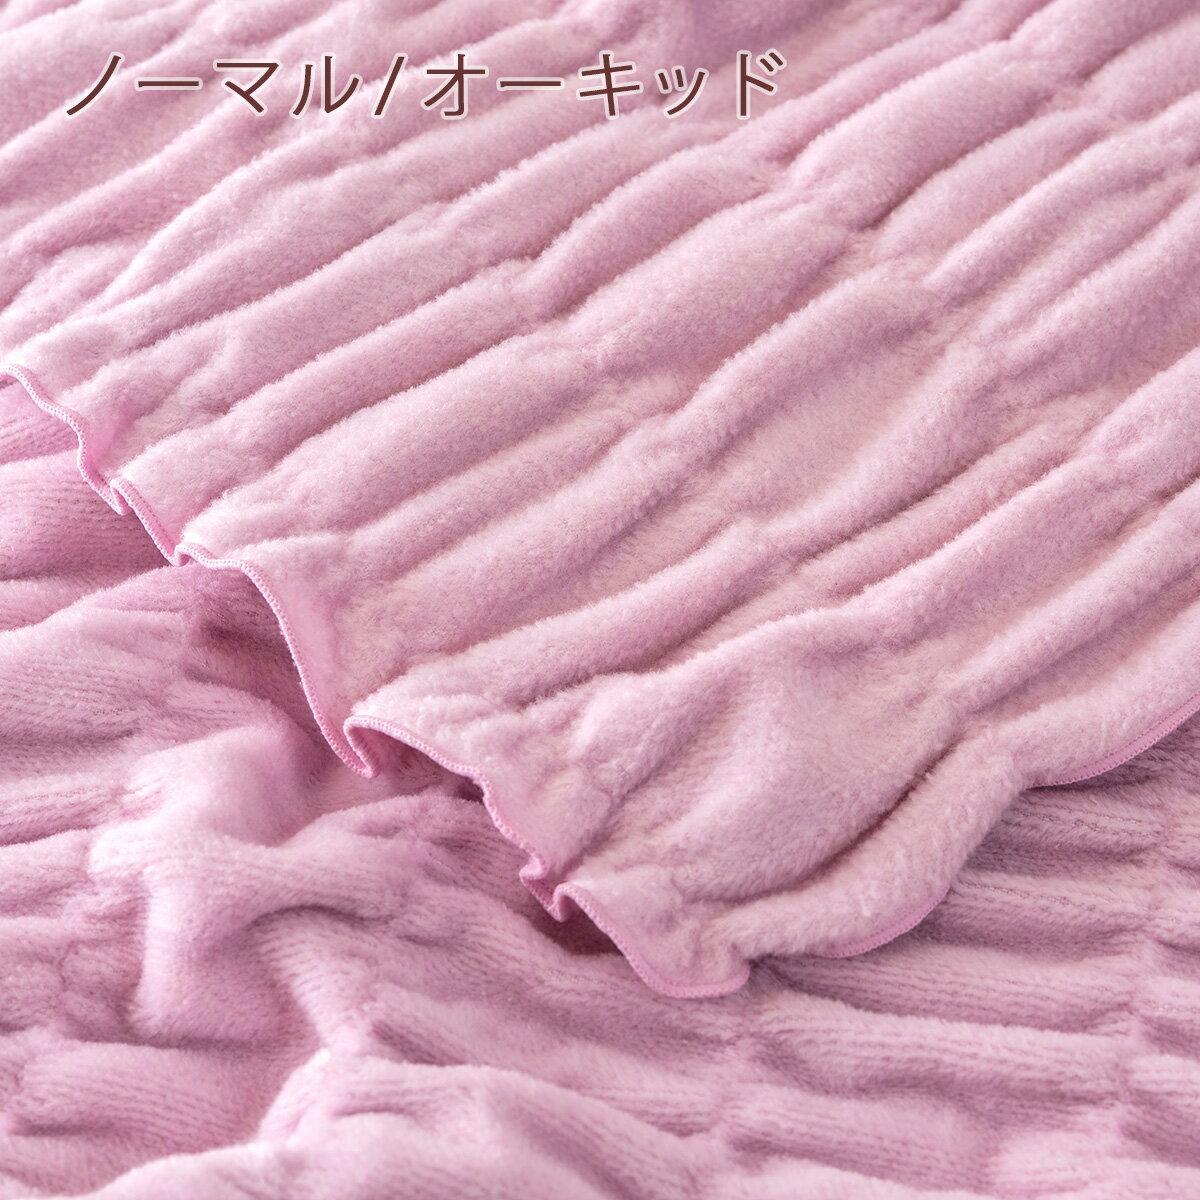 特別ポイント5倍 5/2 8:59迄 毛布 綿毛布 シングル 日本製 吸湿 発熱 ウォームサポート ロマンス小杉 ケット 綿100% 洗える シングルサイズ 寝具 もうふ 綿もうふ ヒート